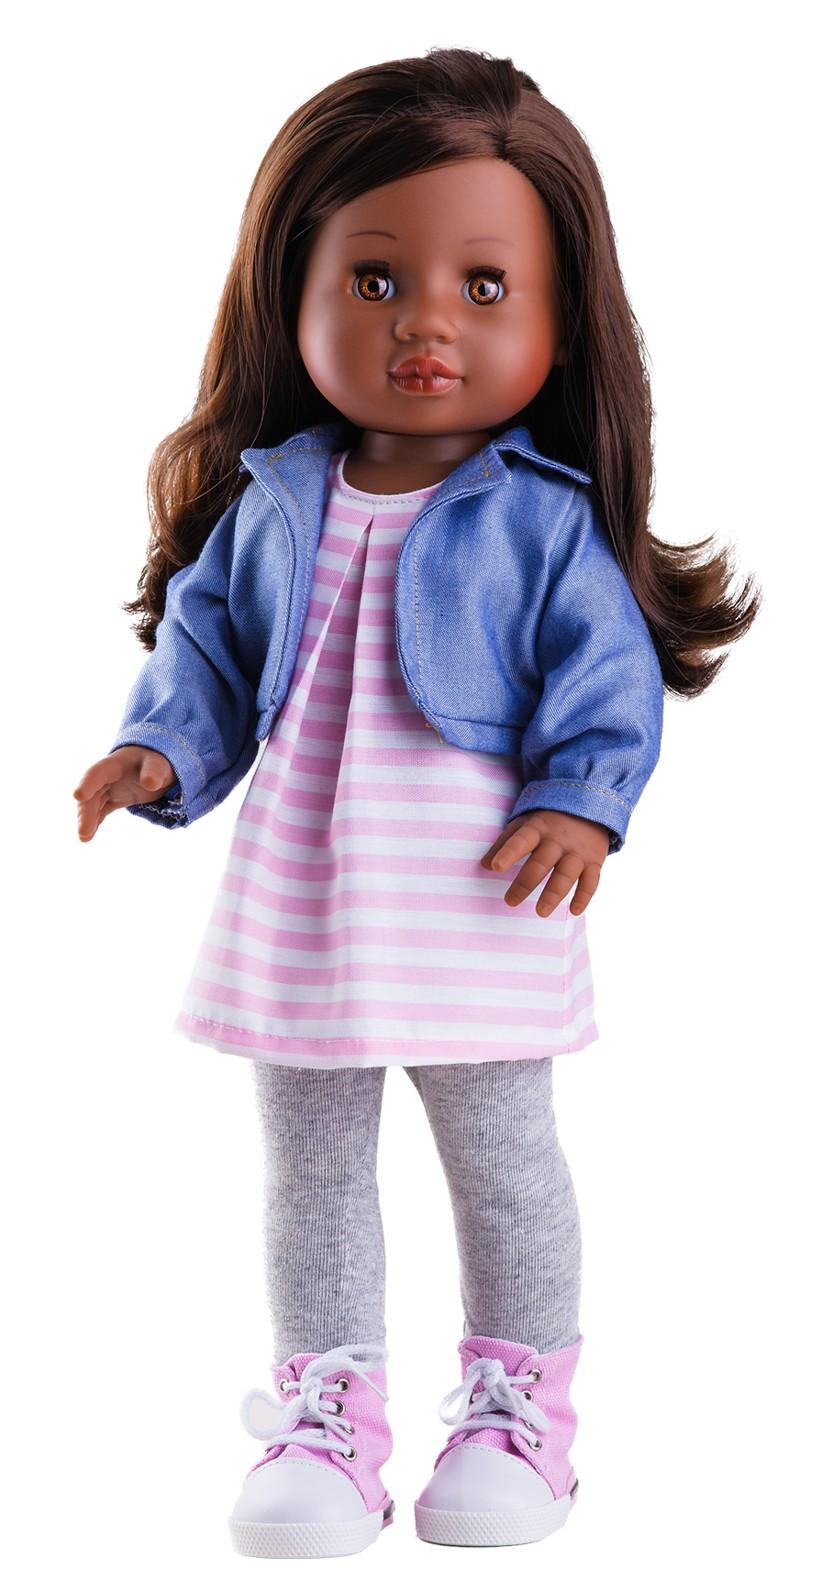 Realistická panenka Daisy od firmy Paola Reina